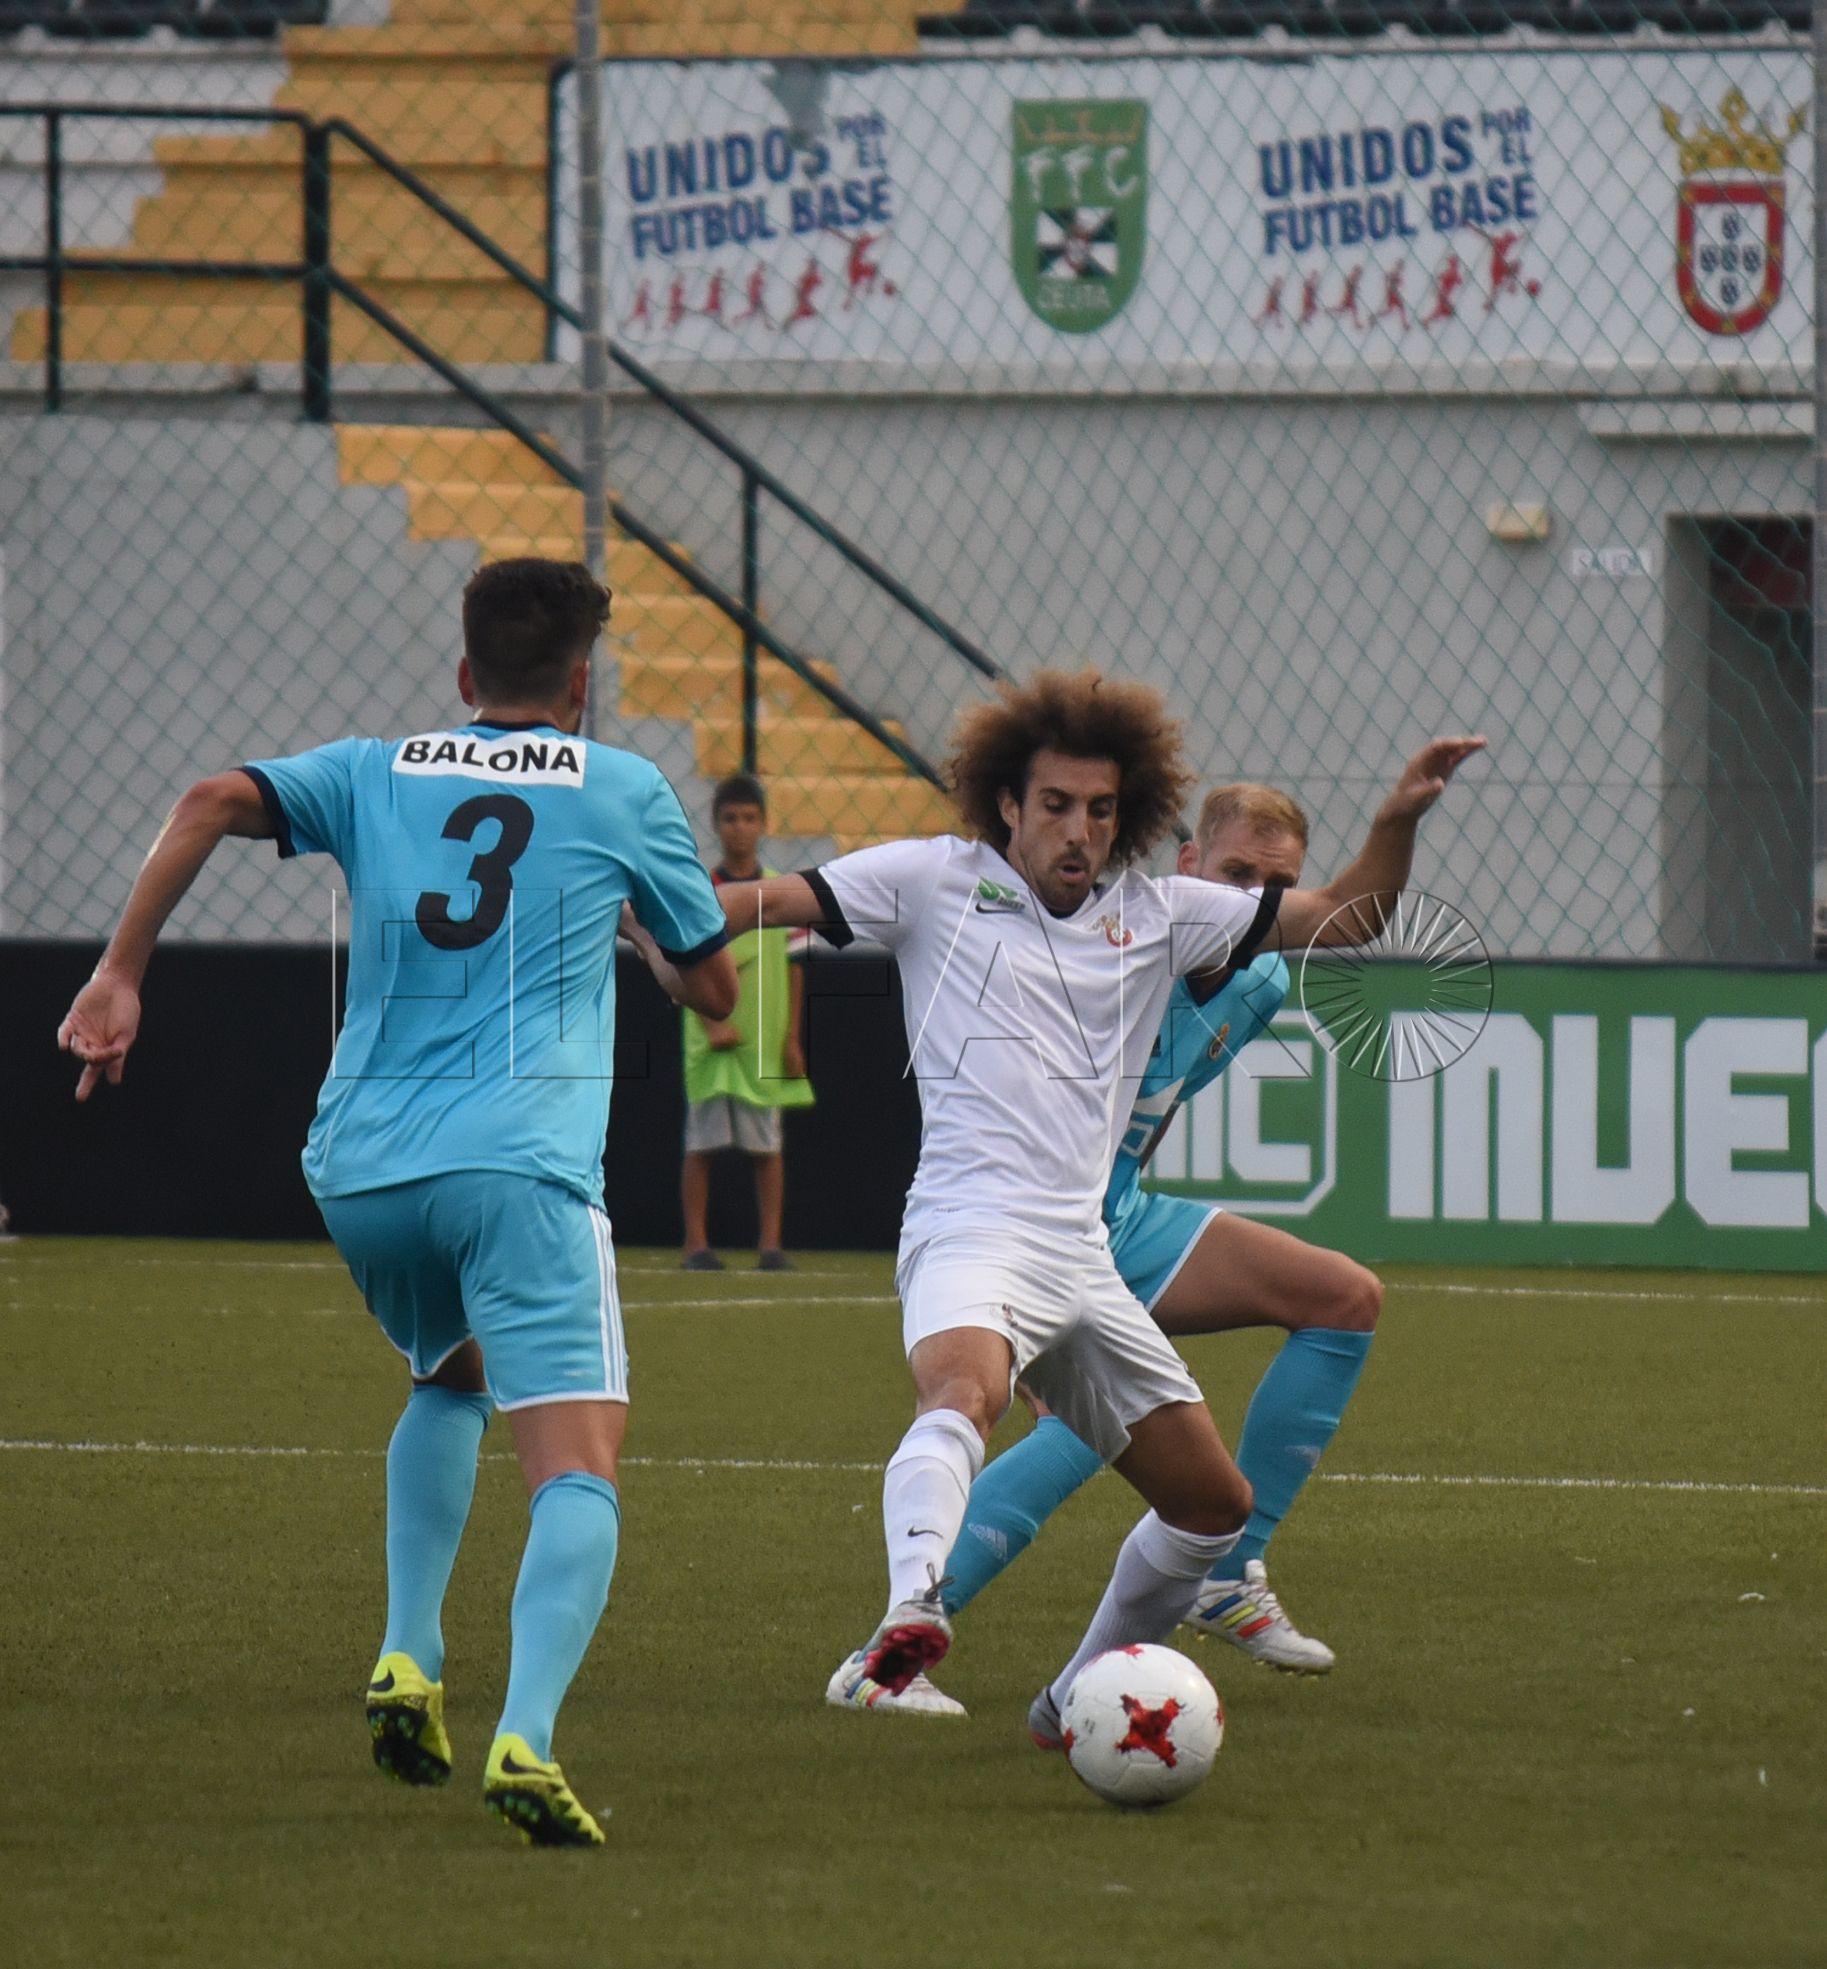 El Ceuta jugará mañana frente al Nadi Fnideq